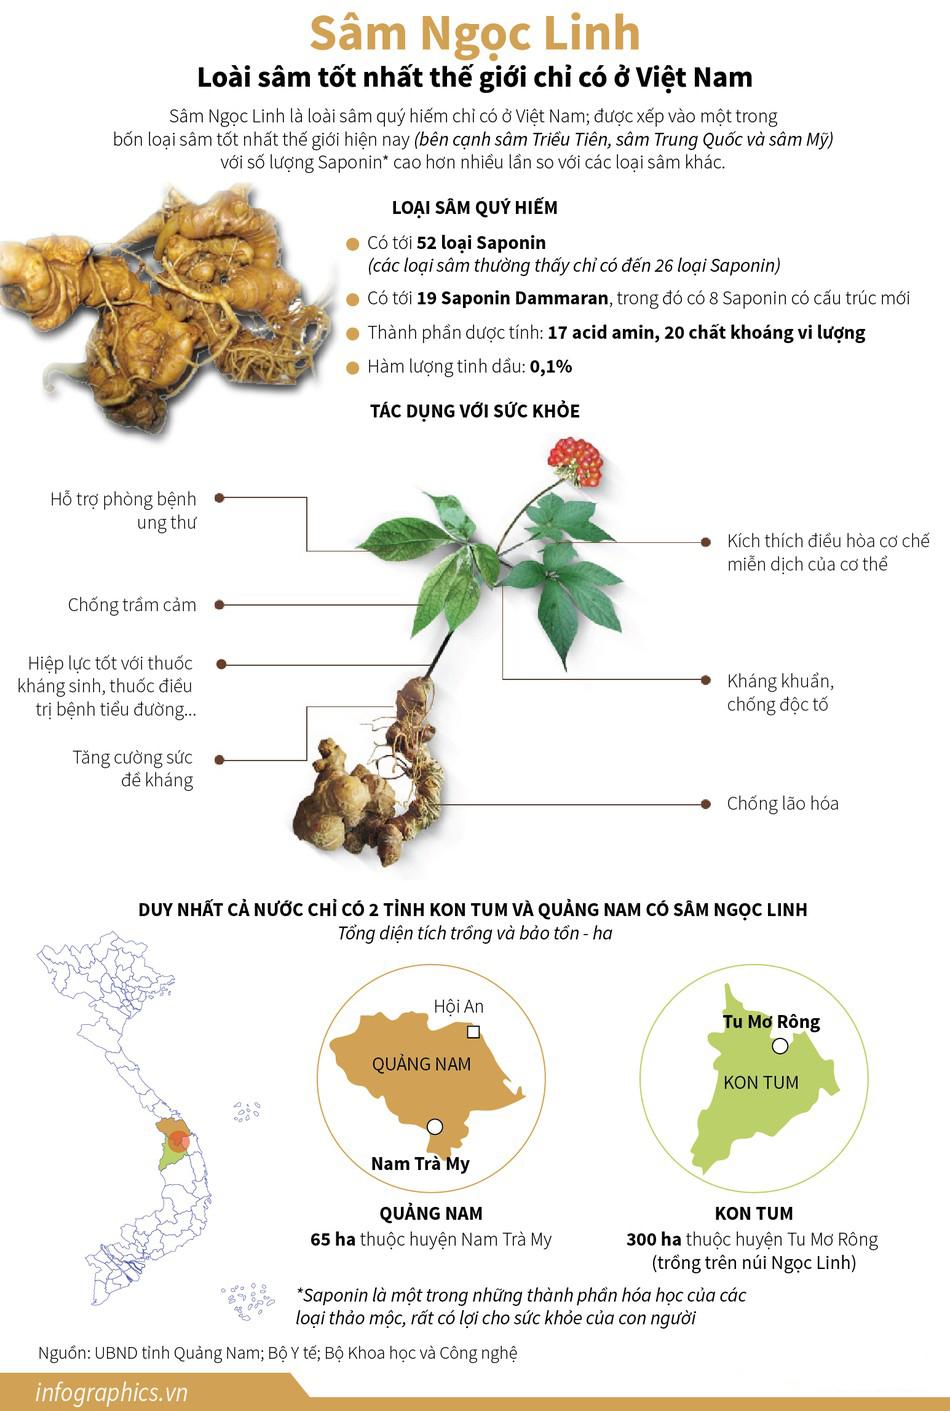 Việt Nam sở hữu loại sâm quý hiếm nhất thế giới